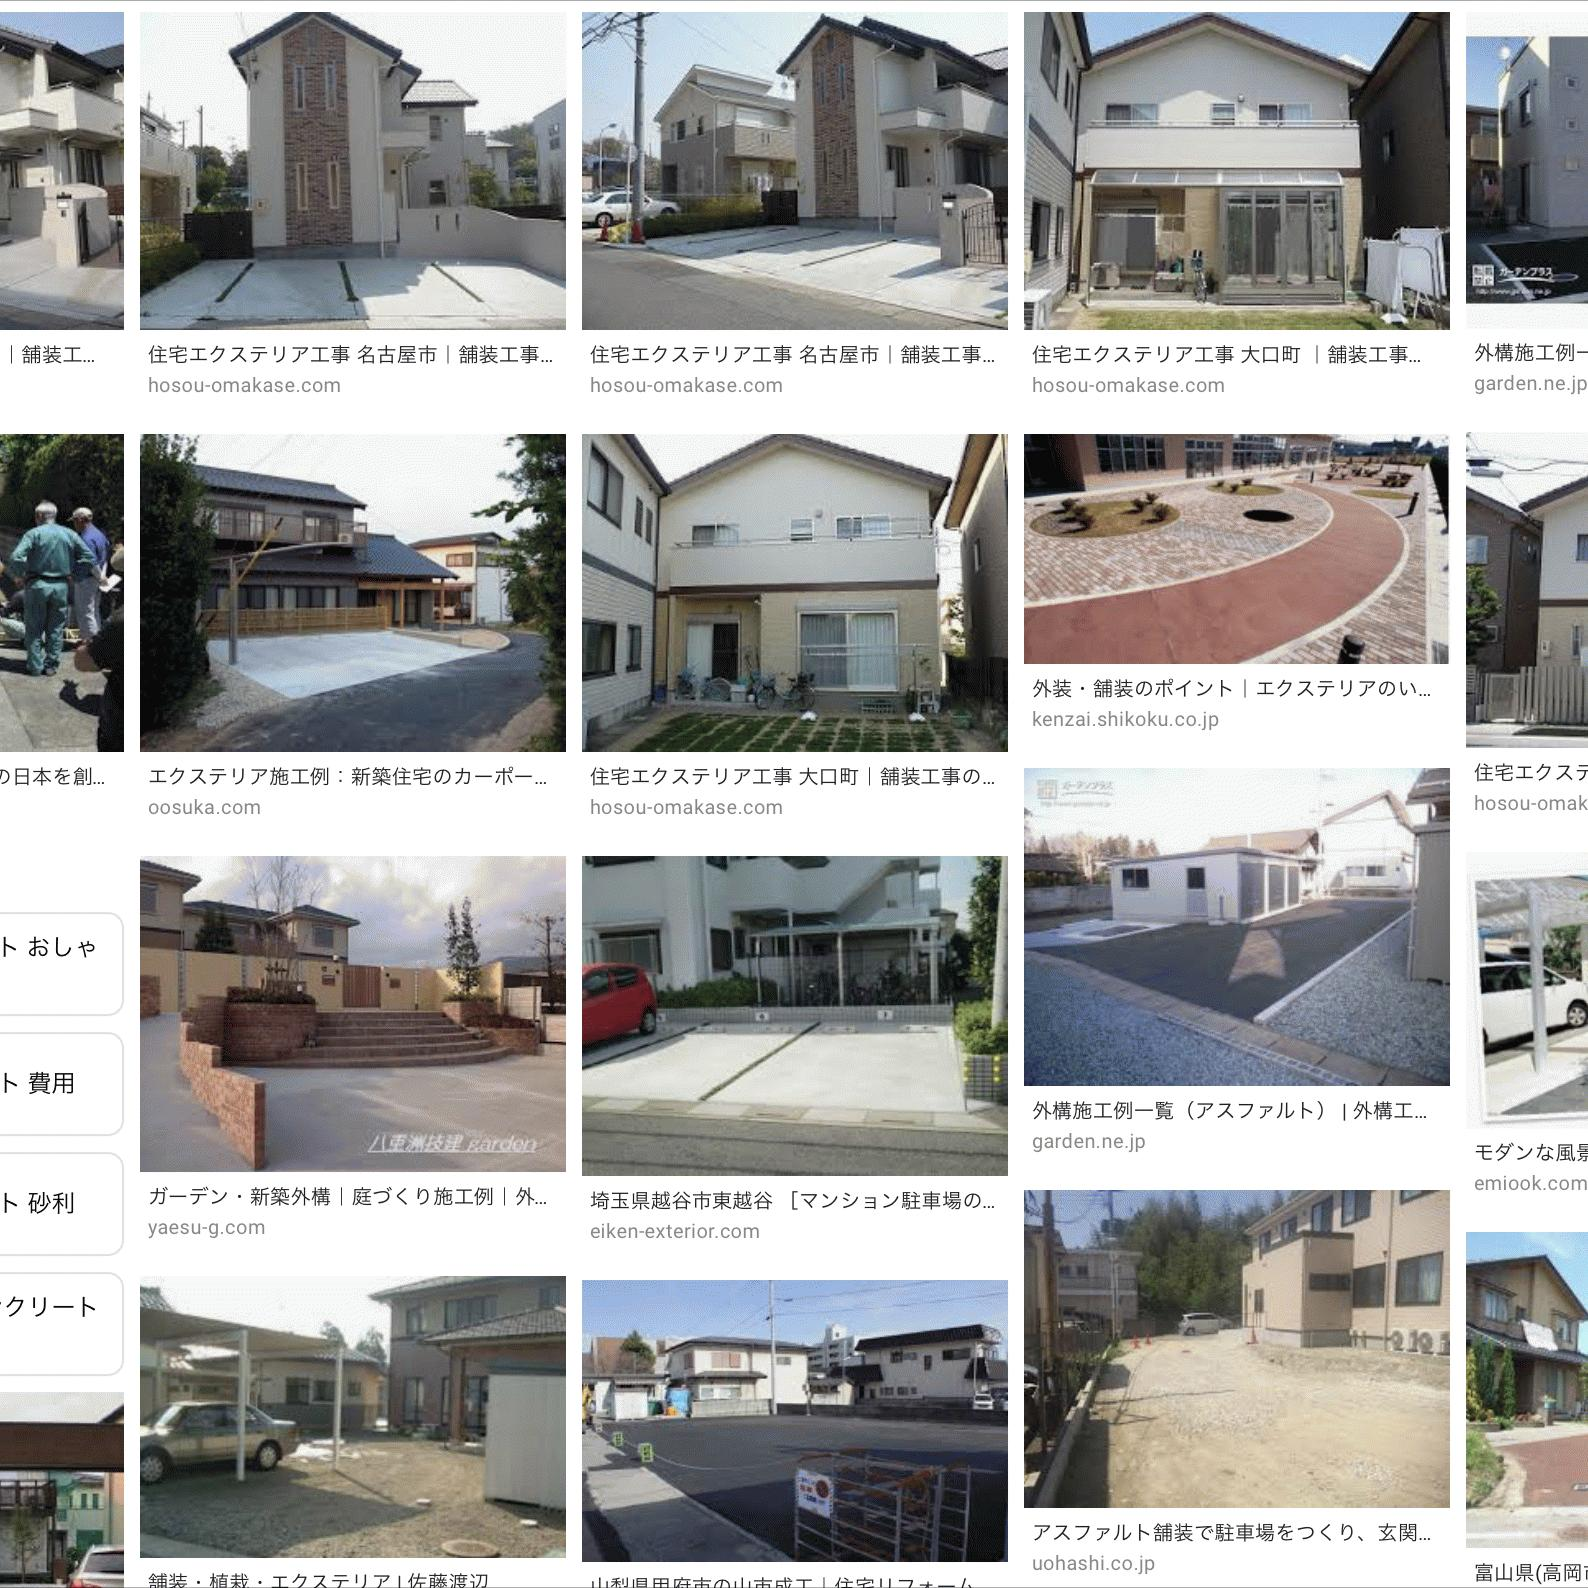 「本当にコンクリートはアスファルトに比べて高いの?」よくある質問